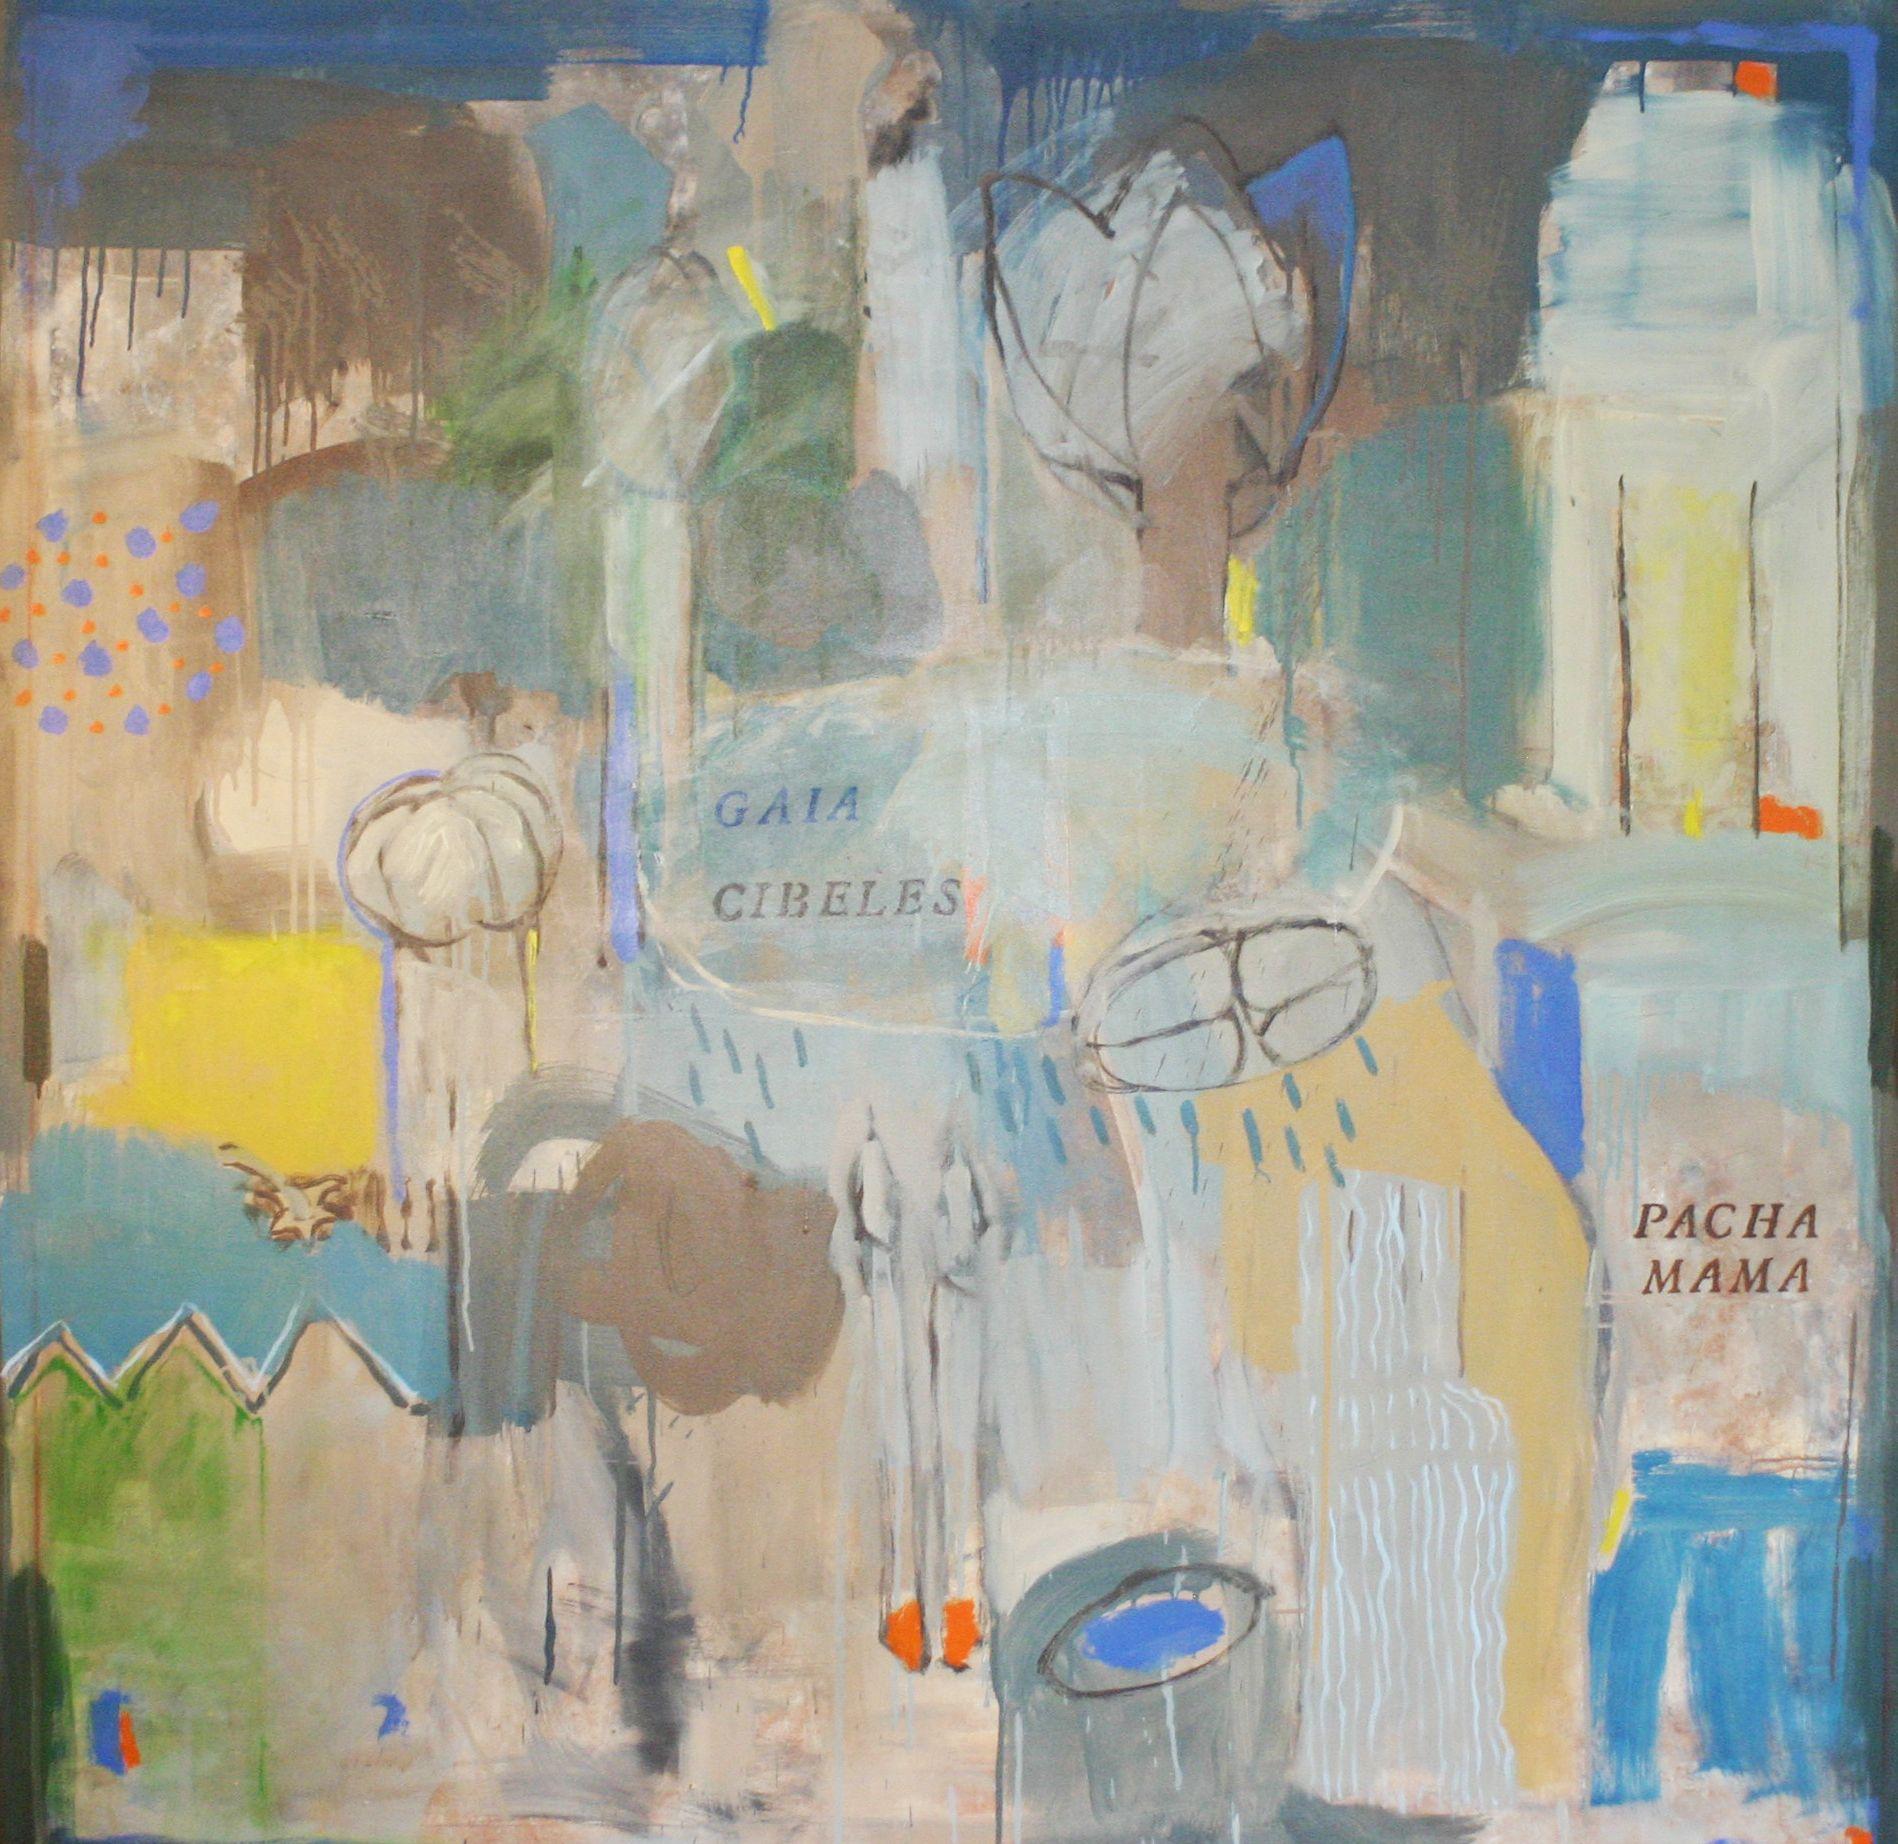 """Ramiro Pareja Herrera """"Segunda Lectura"""" en La Galería. 2015 Gaia /Cibeles- La Pacha Mama"""